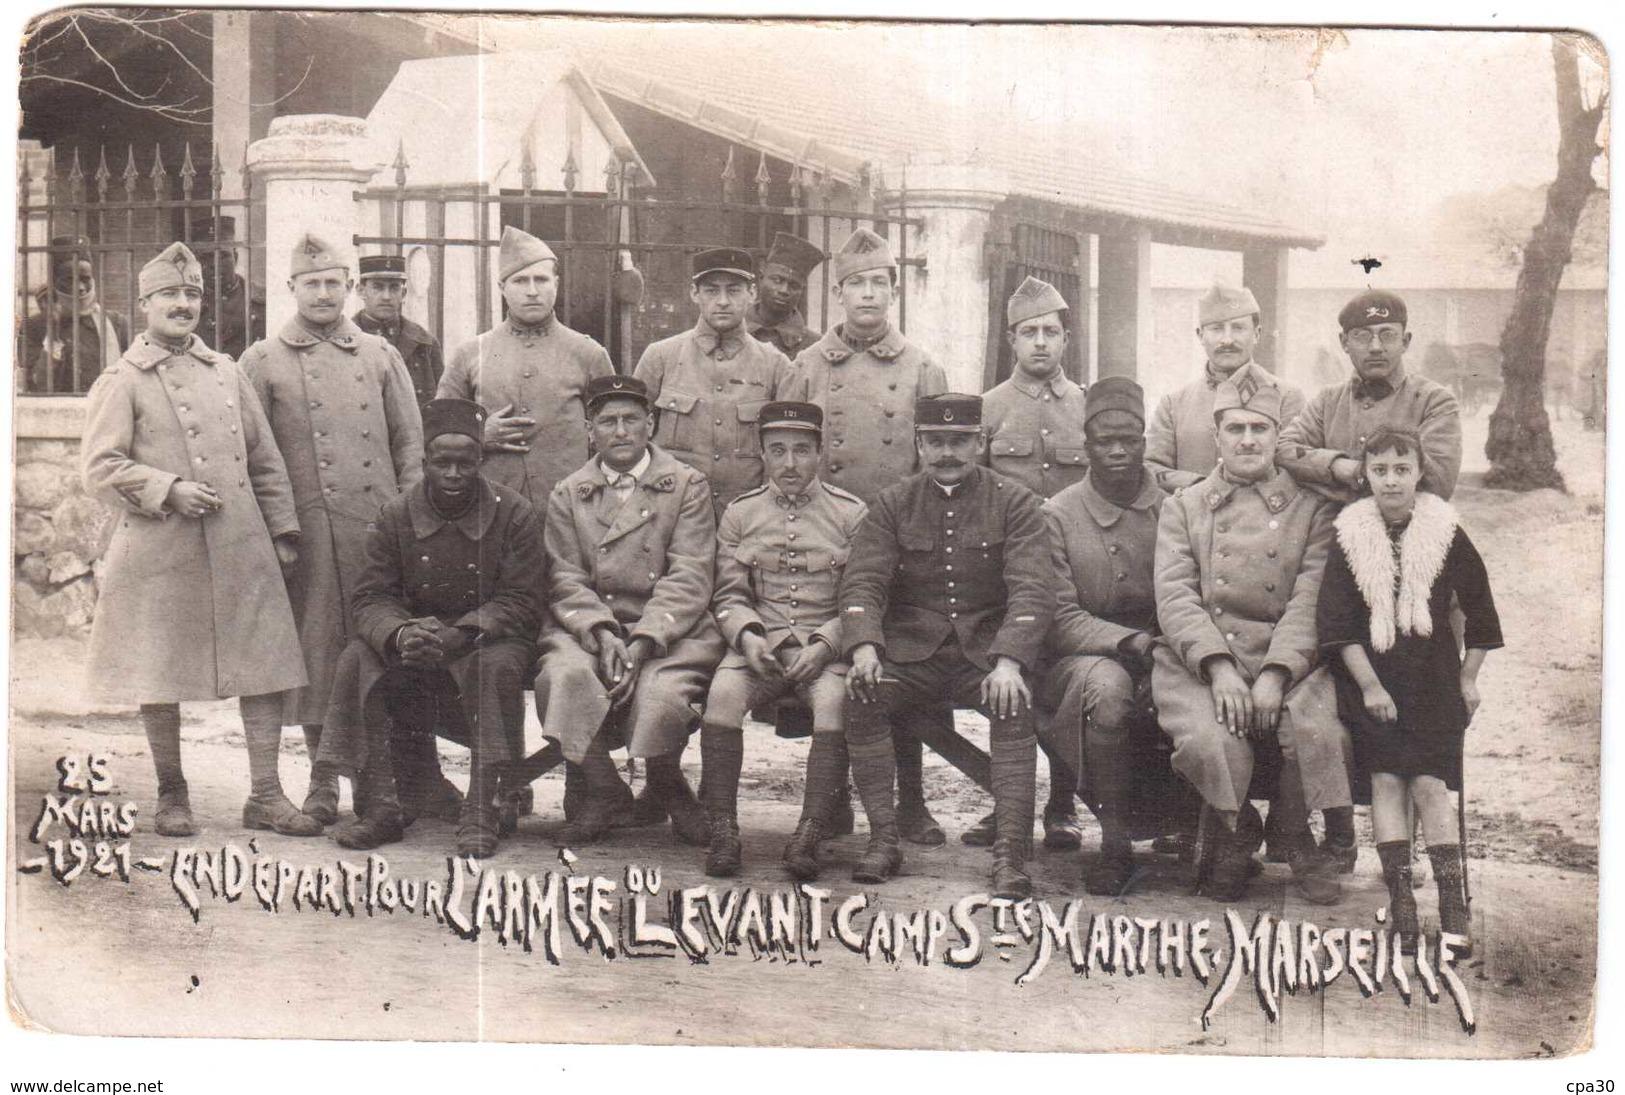 CPA B-du-R.MARSEILLE.25 MARS 1921 EN DEPART POUR L'ARMEE DU LEVANT.CAMP Ste MARTHE - Non Classés